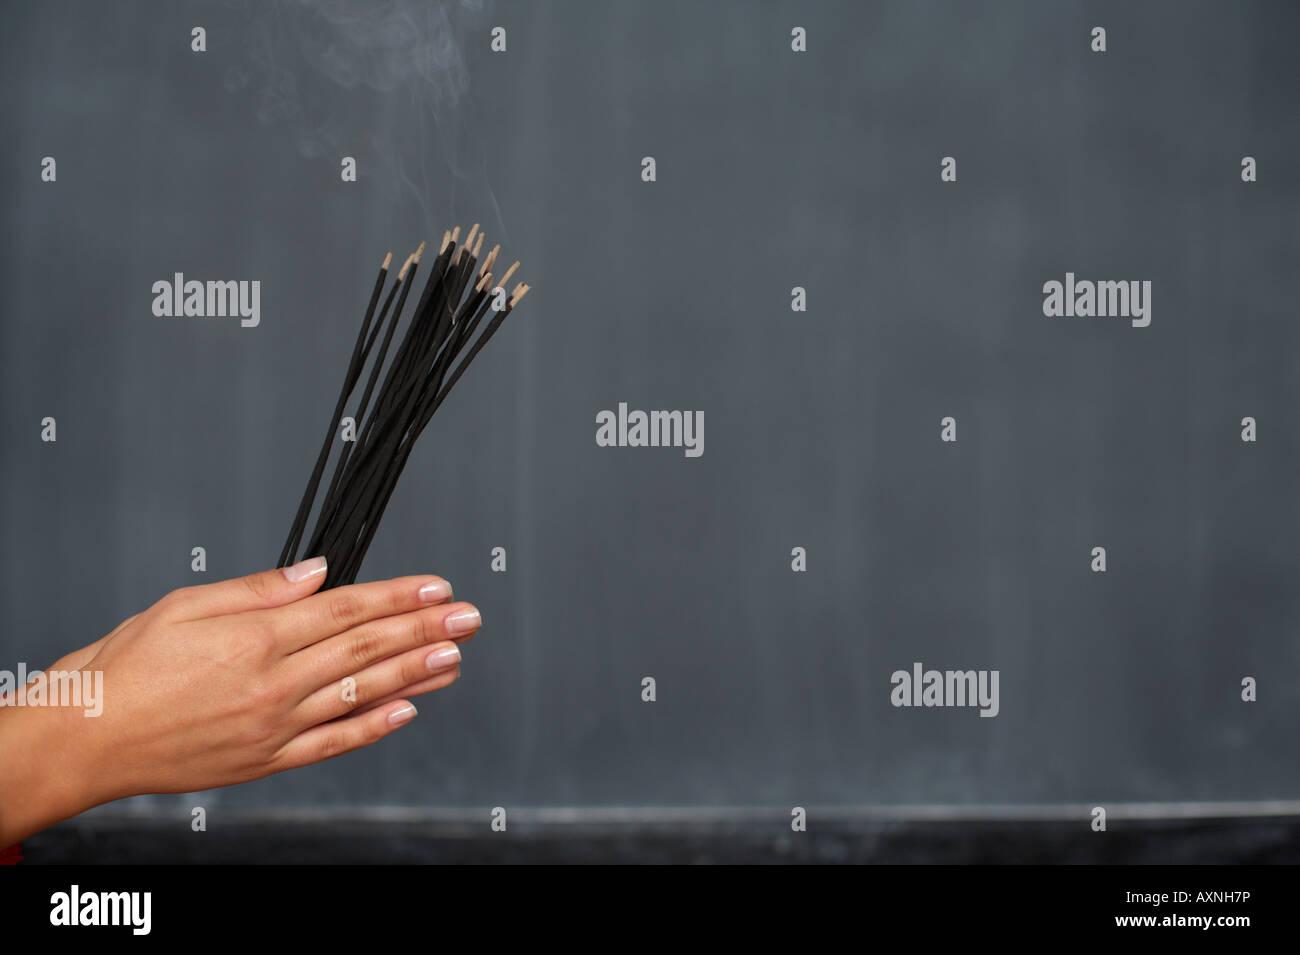 Weibliche Hände halten Stäbchen, close-up Stockbild